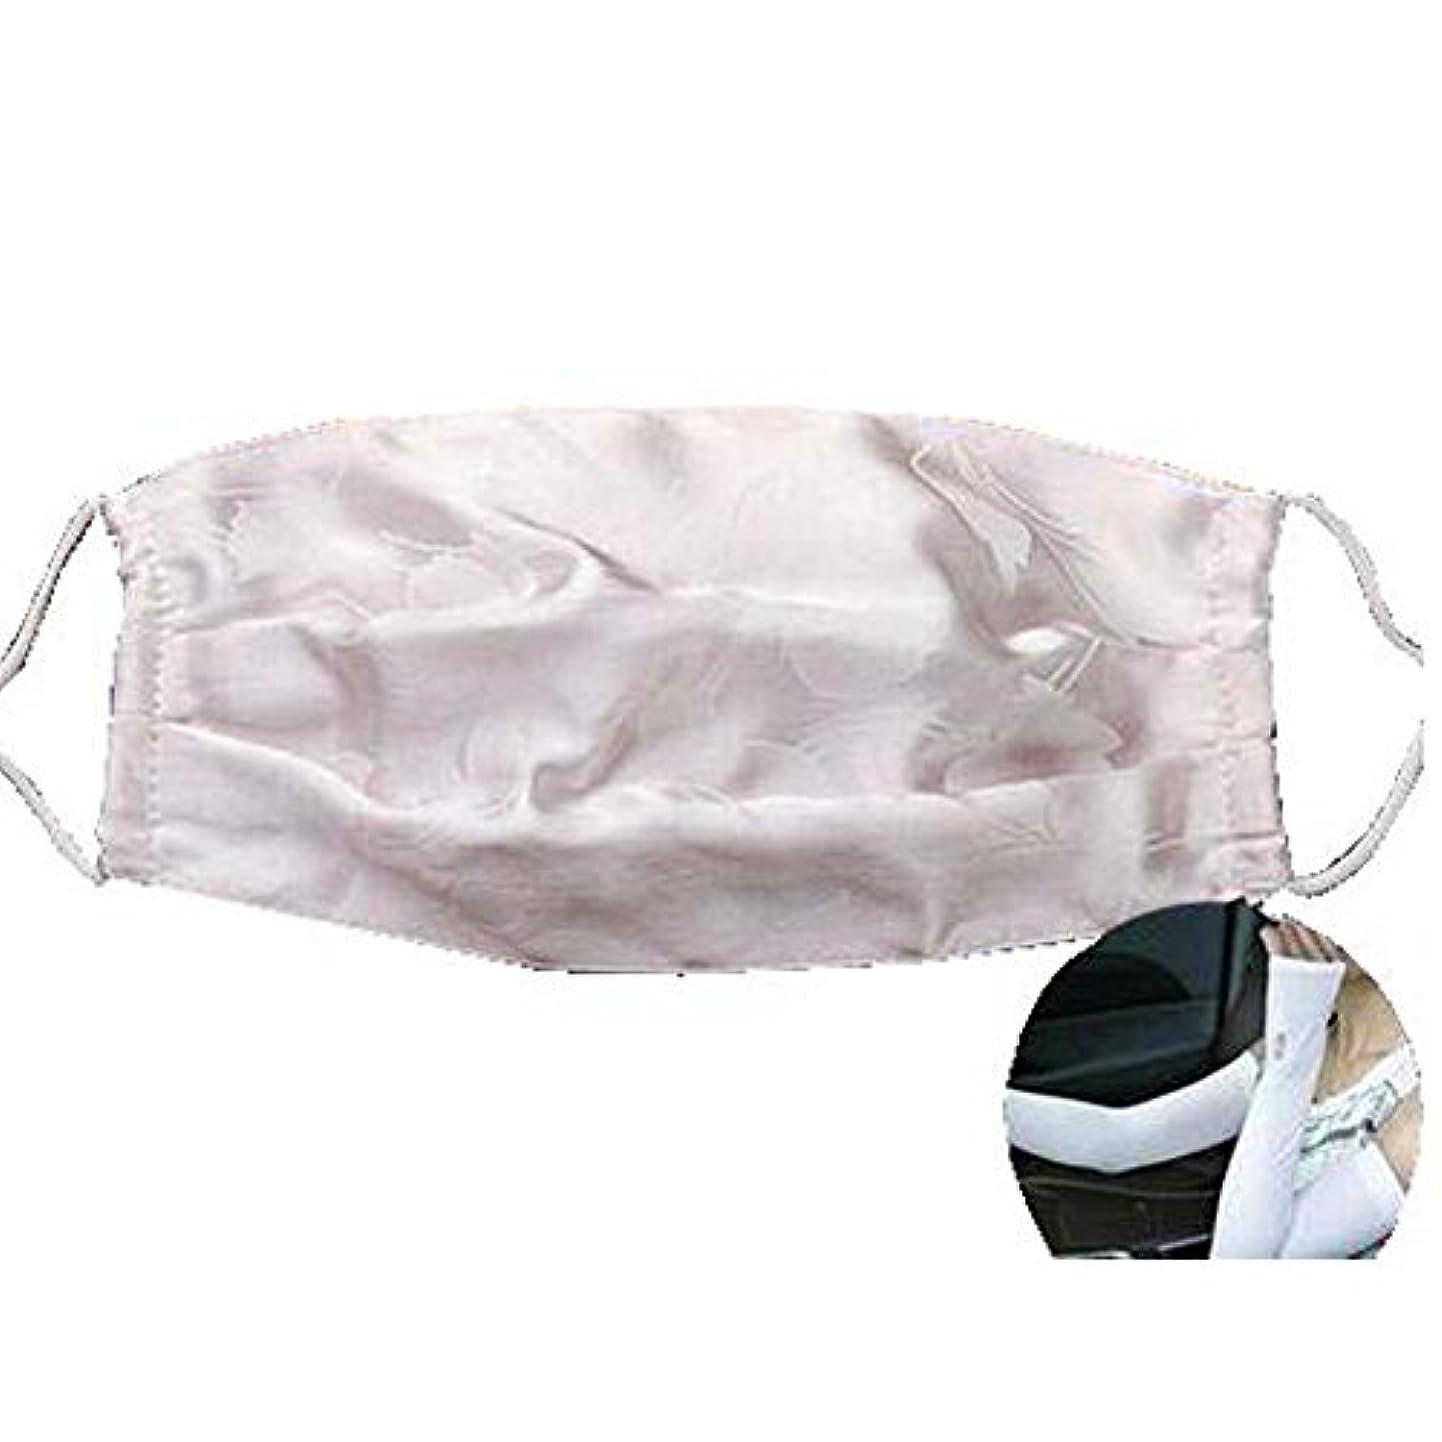 マスクダストマスクアンチ汚染活性化シルクマスクとシルクアームスリーブ